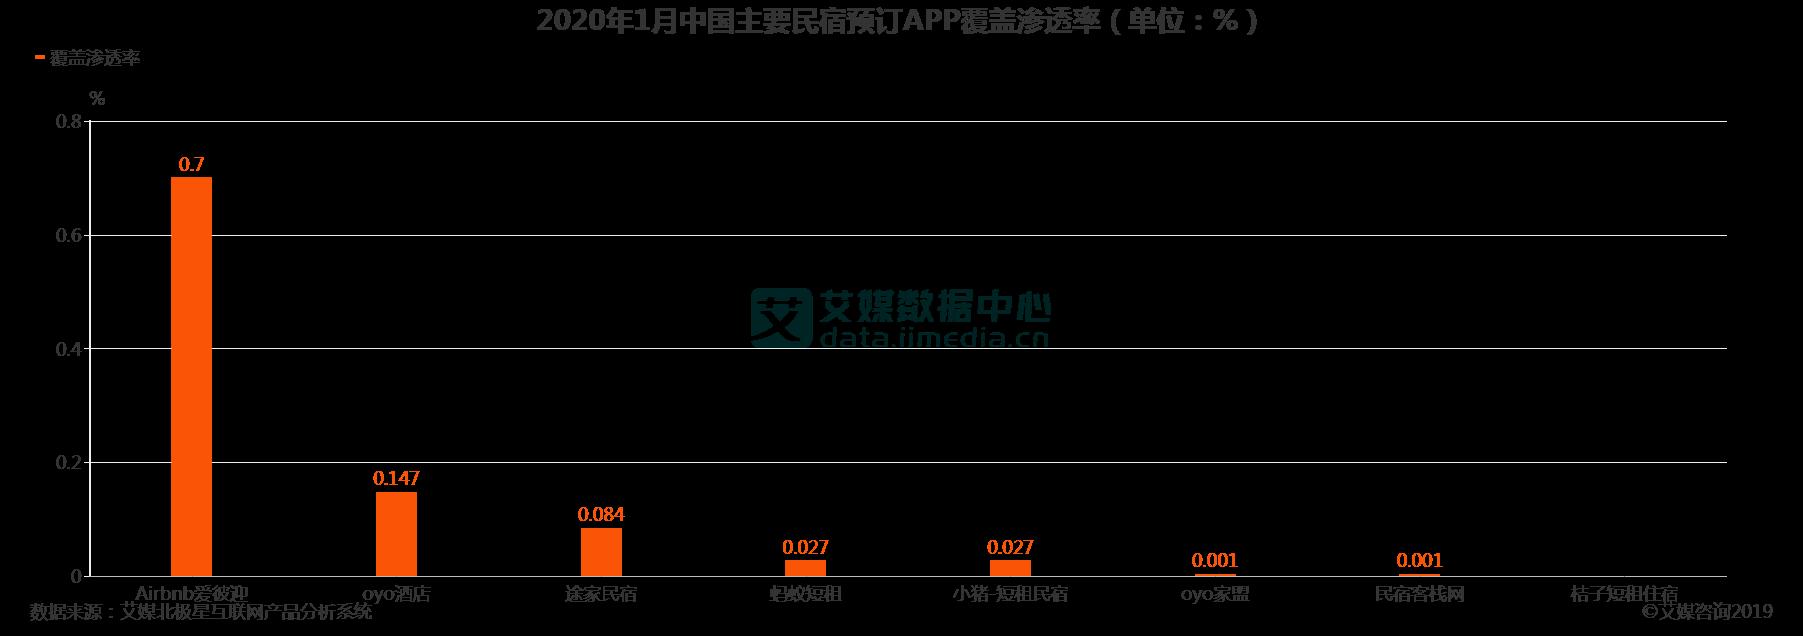 2020年1月中国主要民宿预定APP覆盖渗透率